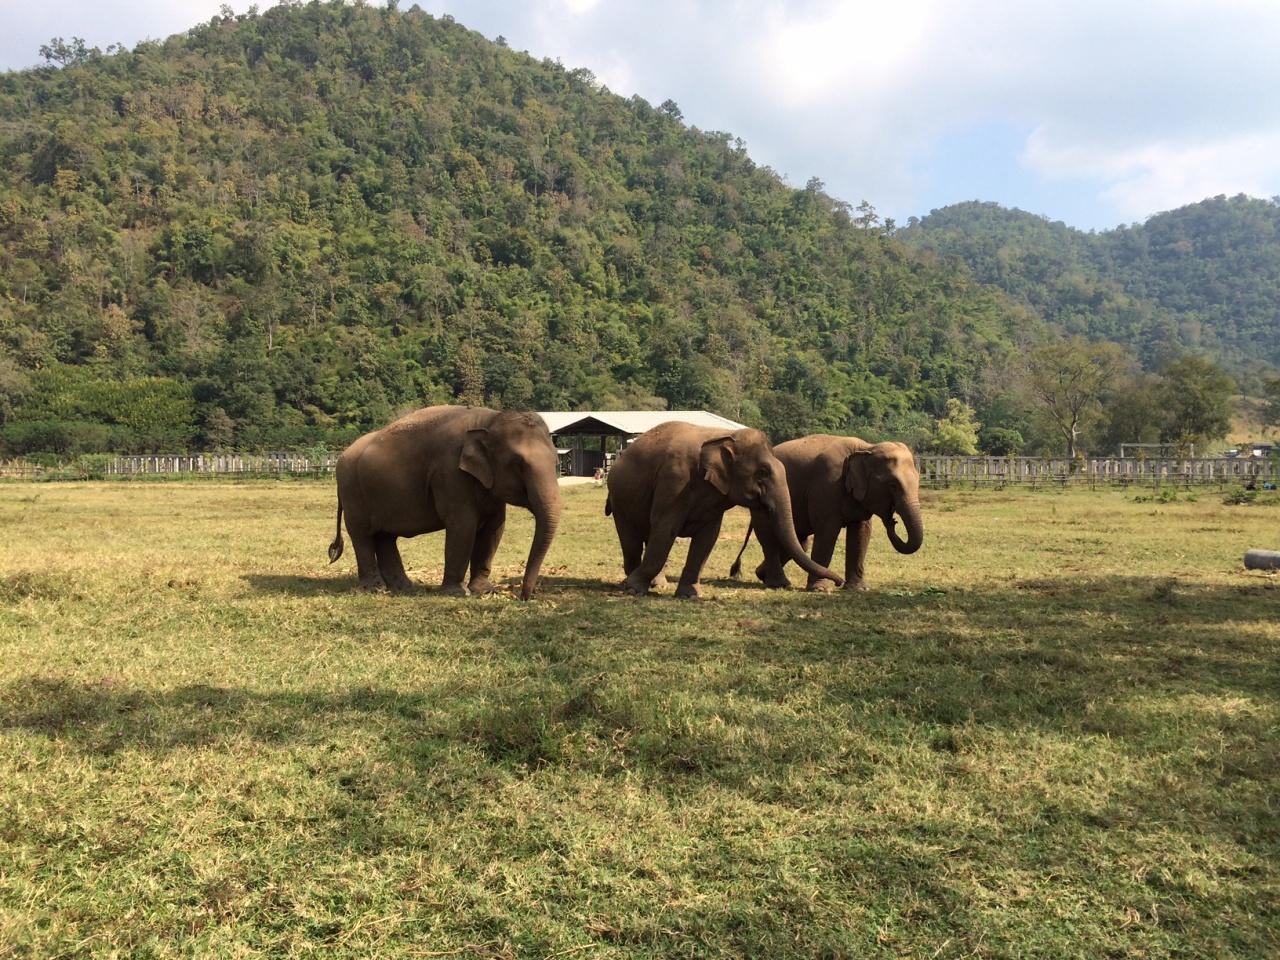 留意大象的腳上都沒有扣上鎖鐐,牠們終能在草原上自己地奔跑。(受訪者提供)